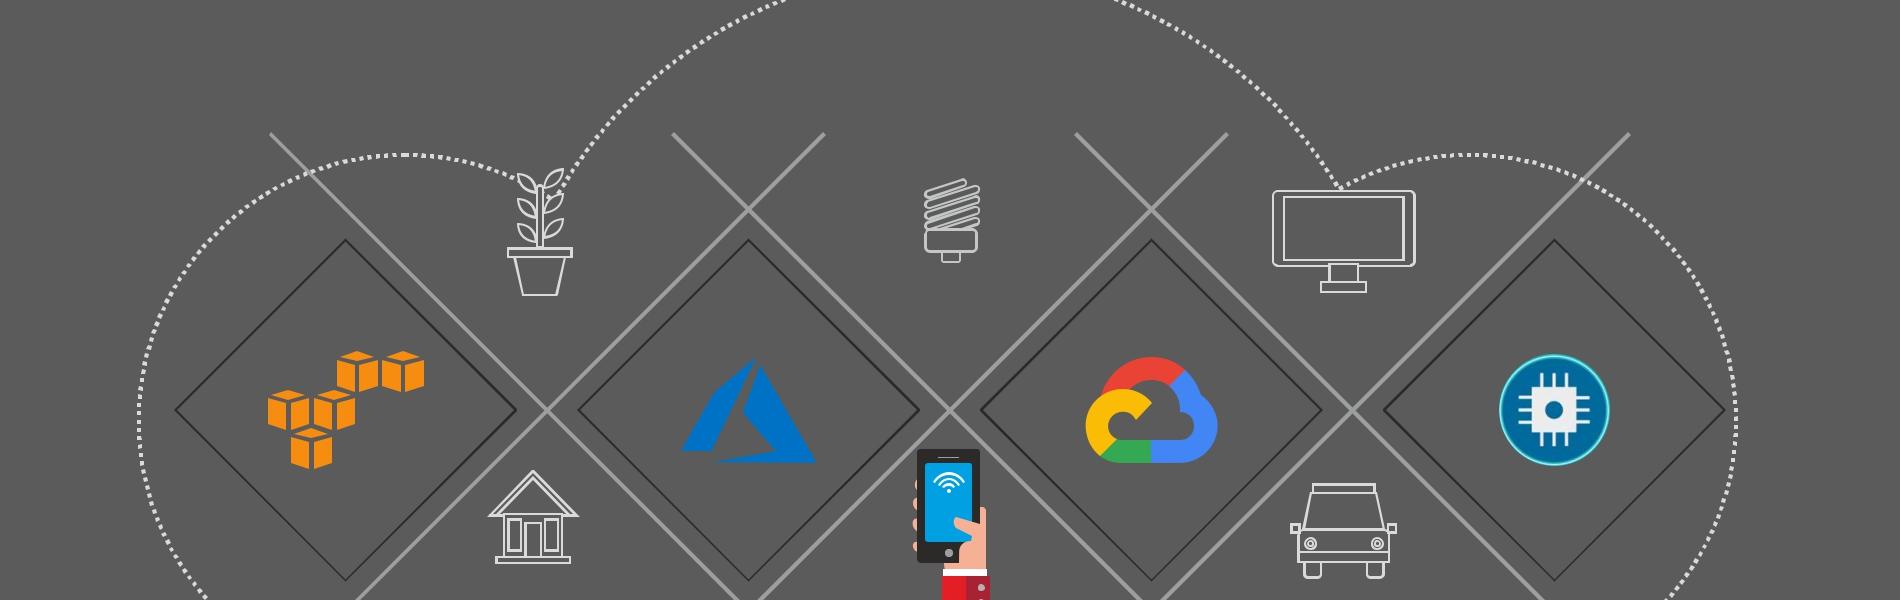 Blog-Header-IoT-Comparison-AWS-vs-Azure-vs-Google-vs-IBM-1900x600-1